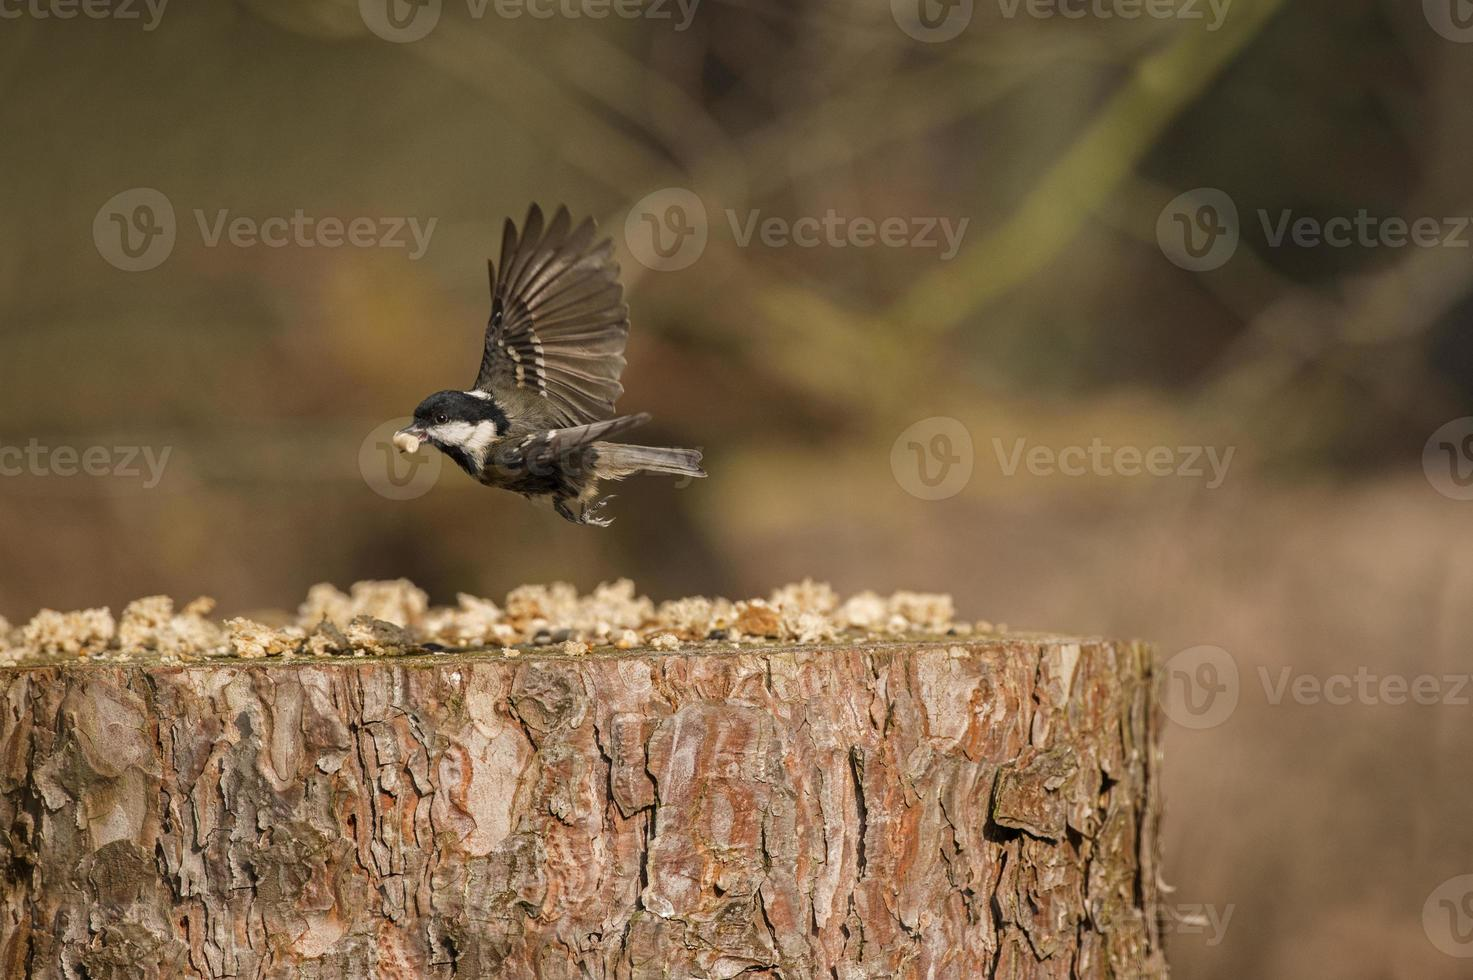 teta de carvão, periparus ater, voando de um tronco de árvore foto